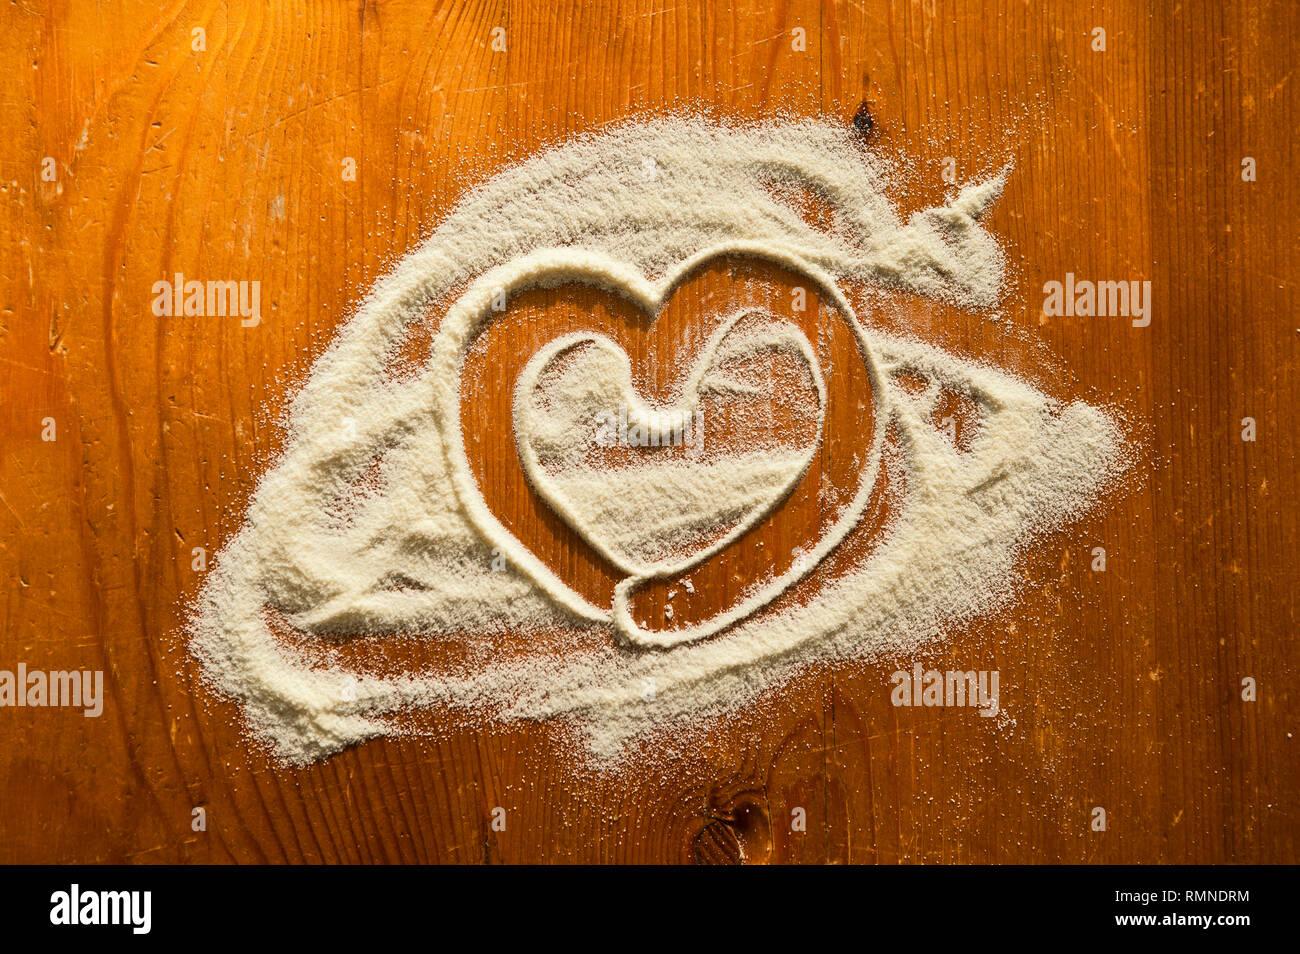 Auf einem roetlich-braunen Holztisch wurde in eine Pastamehlflaeche ein Herz gemalt. [(c) Dirk A. Friedrich - Stock Image